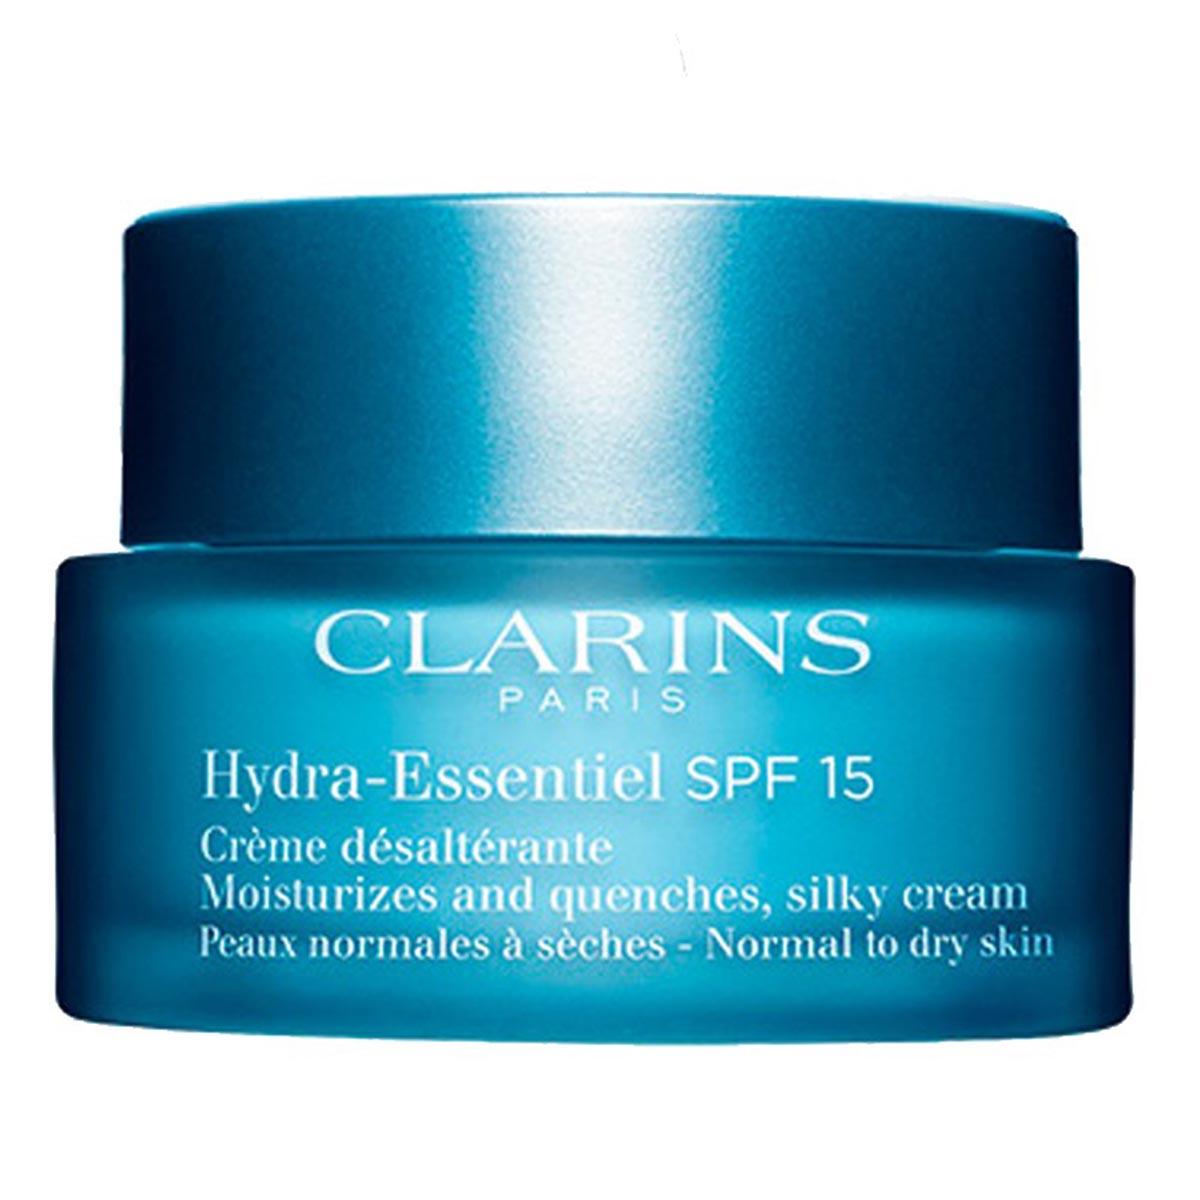 Clarins hydra essentiel spf15 creme desalterante 50ml